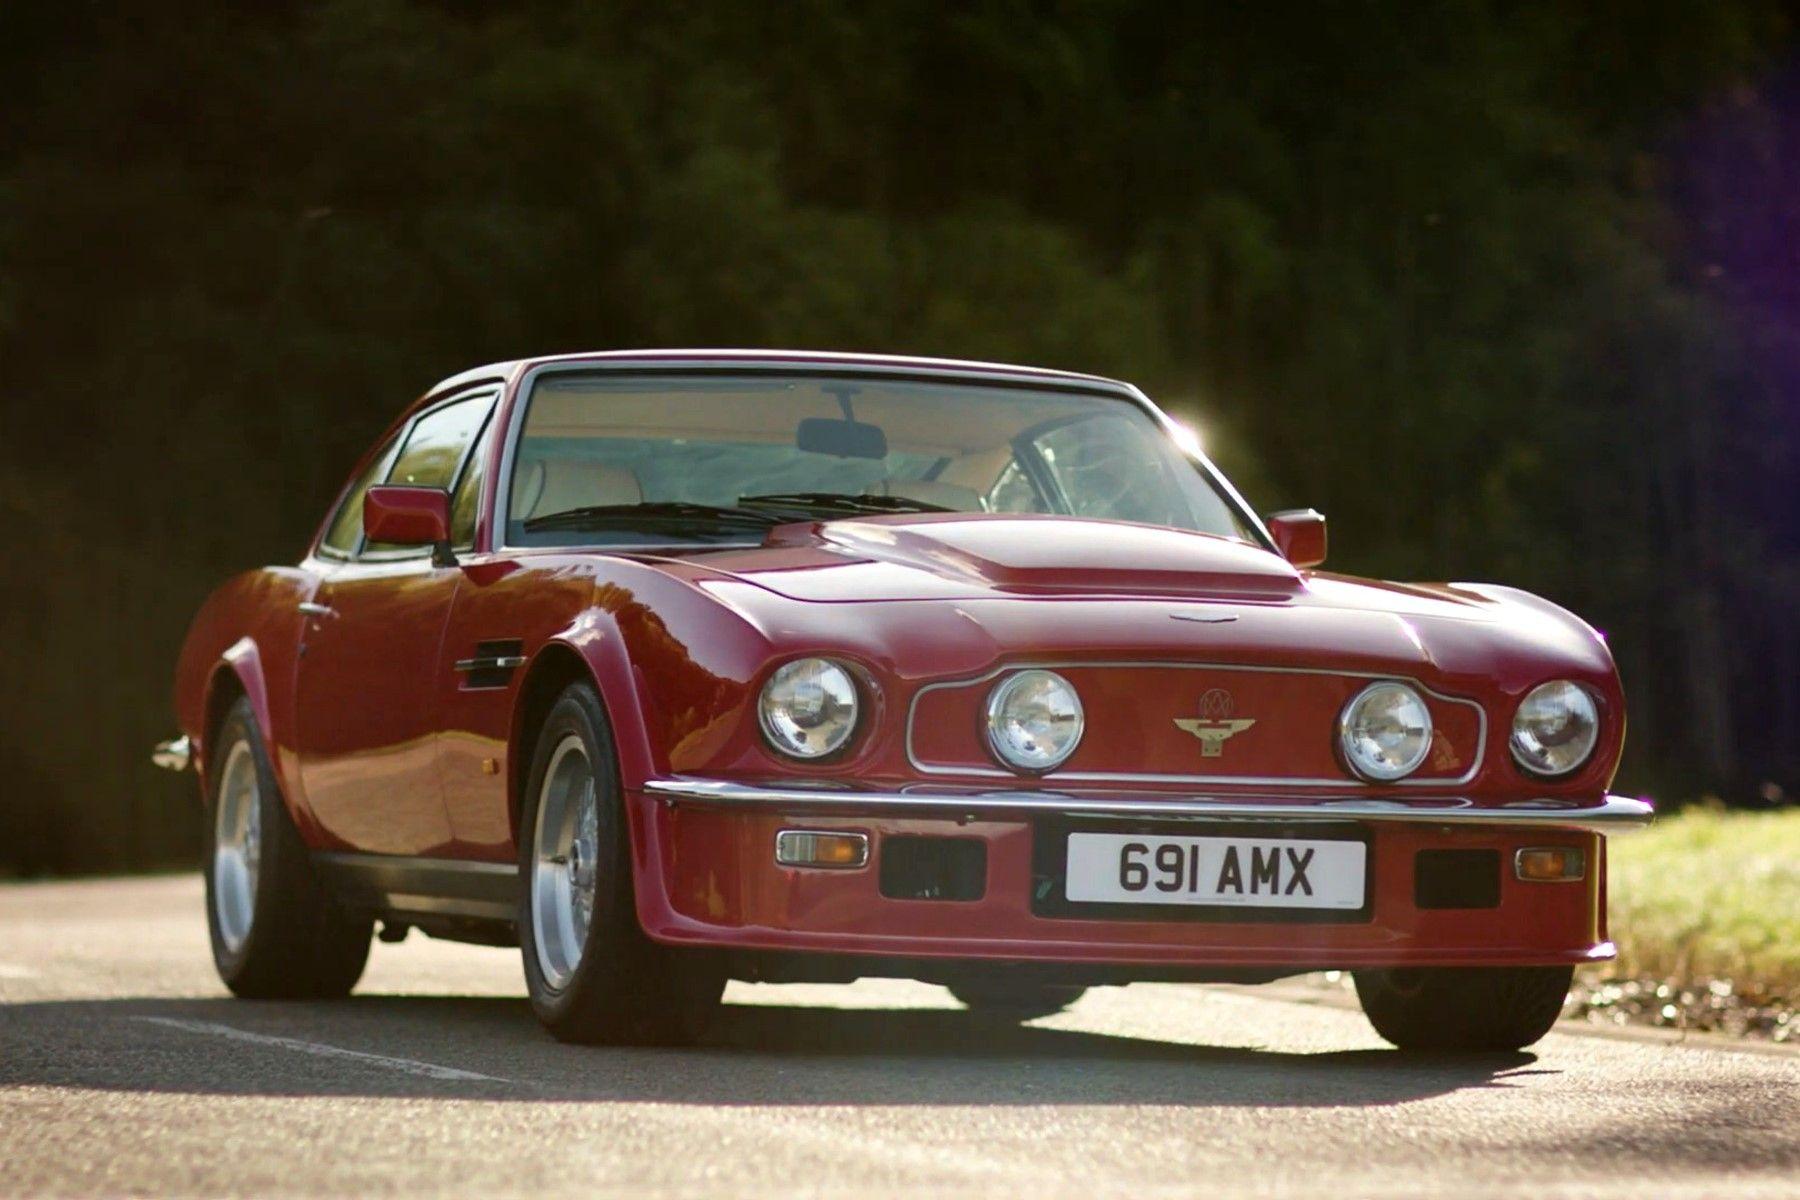 Aston Martin Modeles Historiques Rares A Vendre Presentes En Video Aston Martin Historique Auto